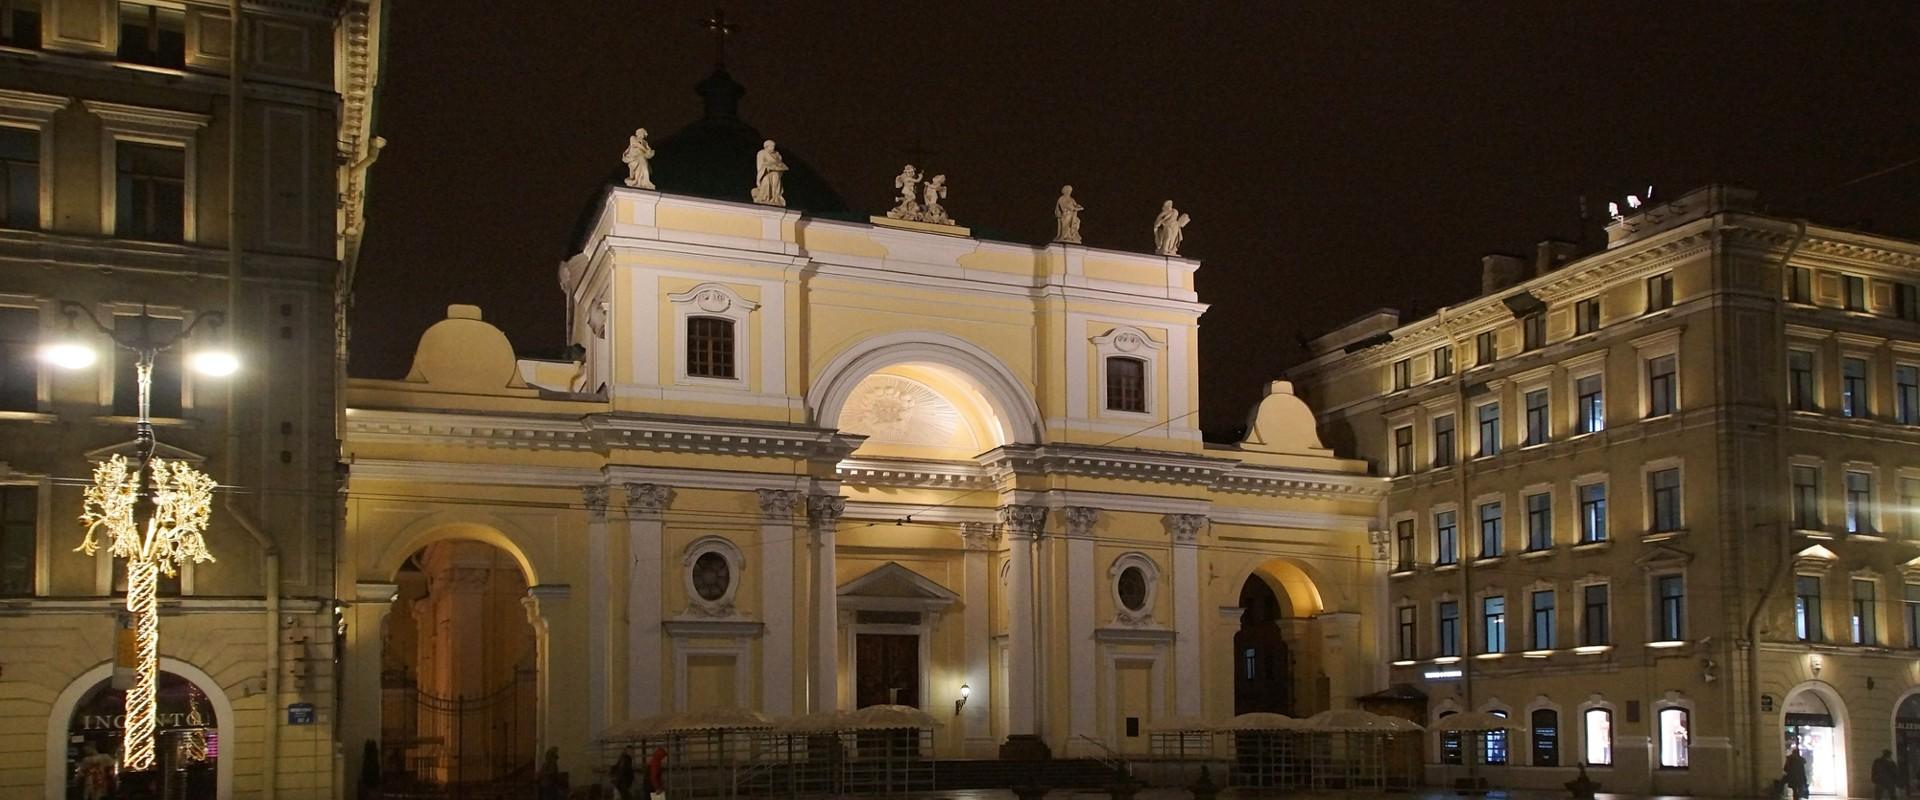 Церковь Святой Екатерины в СПб